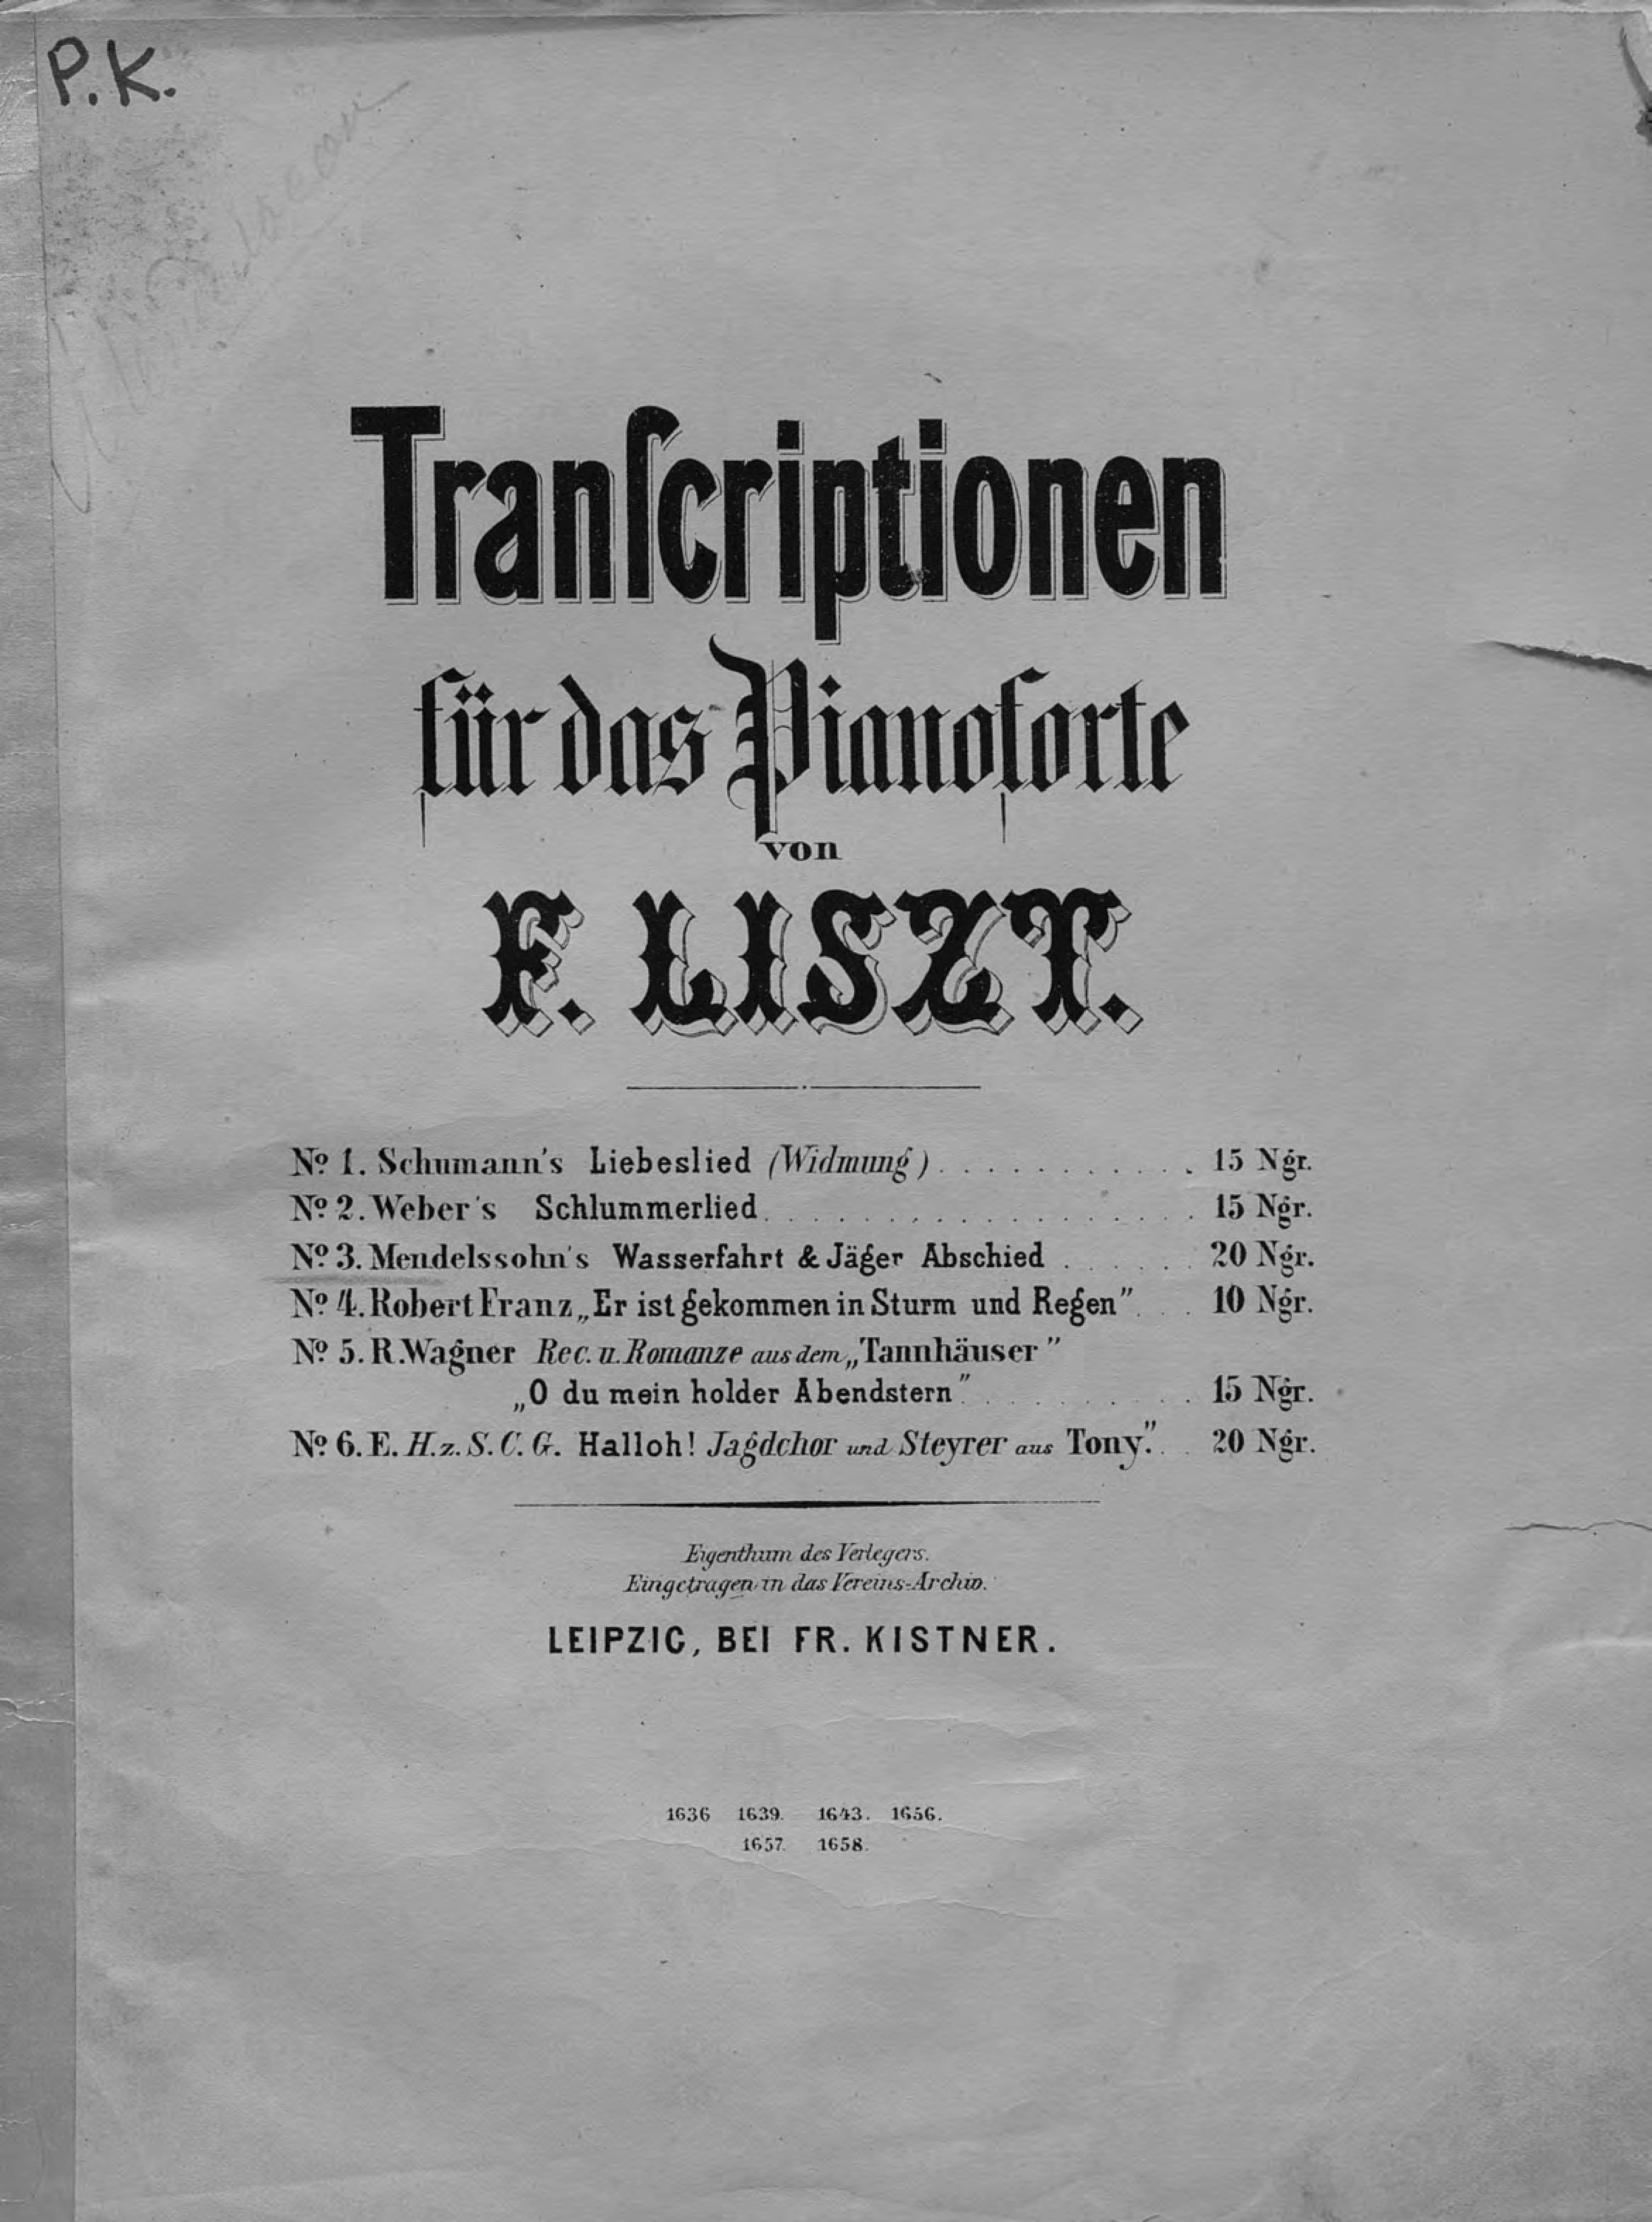 Mendelssohn's Wasserfahrt&Jager Abschied fur das Pianoforte ubertragen v. F. Liszt